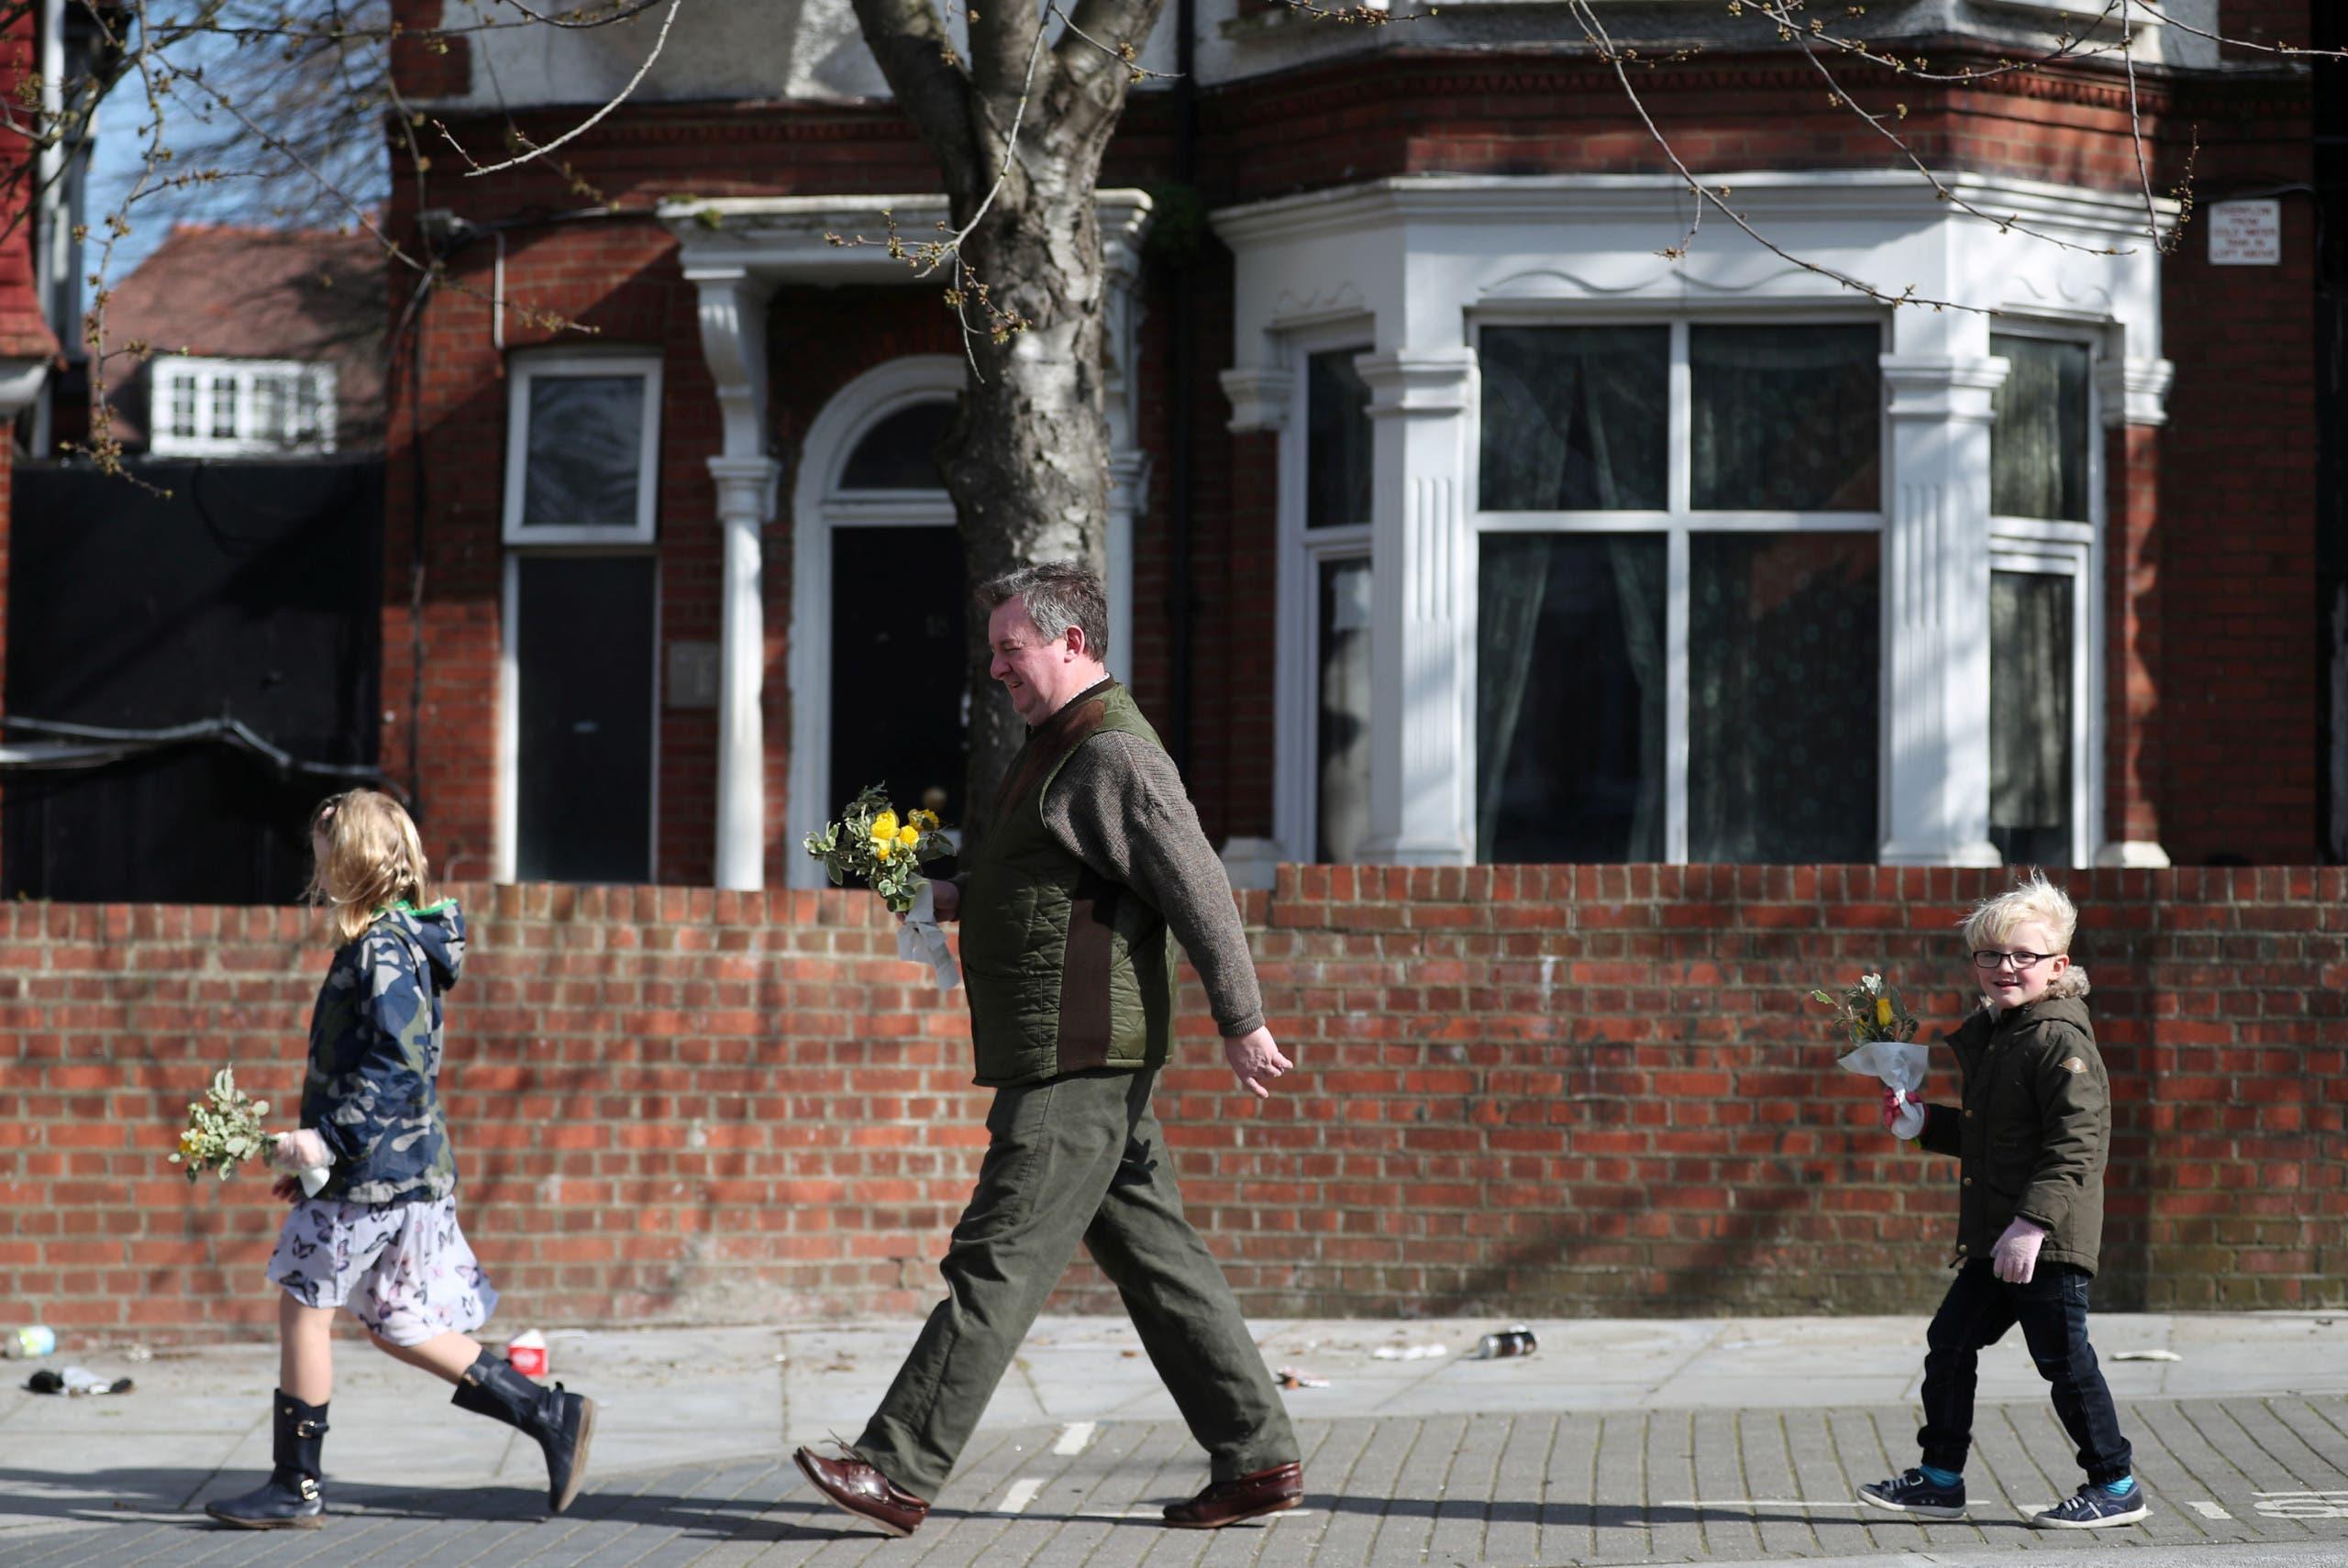 رجل وطفلاه يحملون باقات زهور في إحدى ضواحي لندن بمناسبة عيد الأم